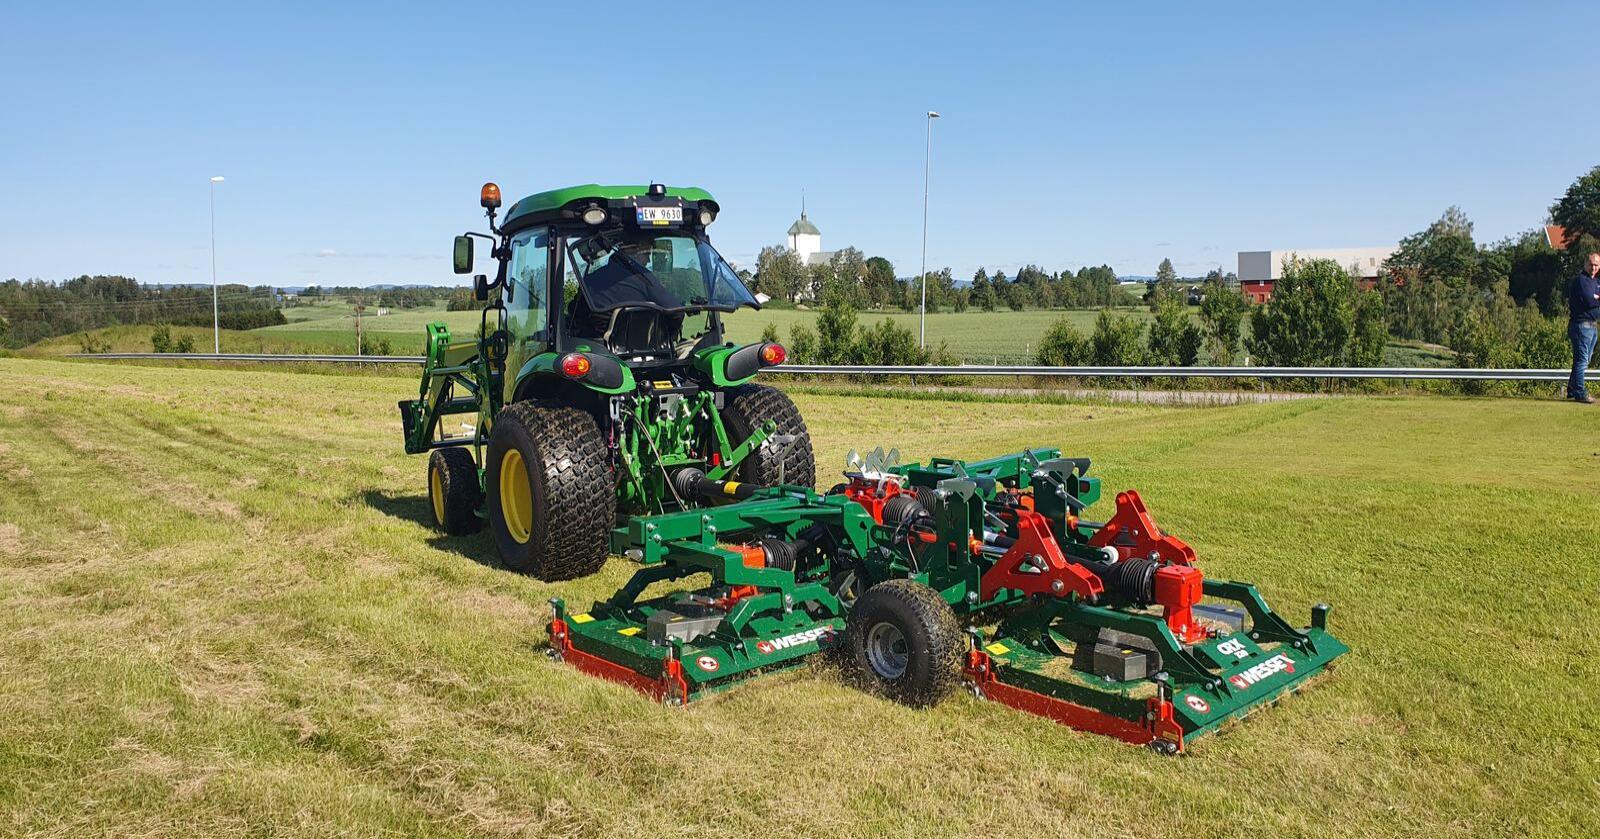 Wessex leverer gresskippere med arbeidsbredder opp til åtte meter for montering på traktor eller annen, egnet redskapsbærer. (Foto: Felleskjøpet)